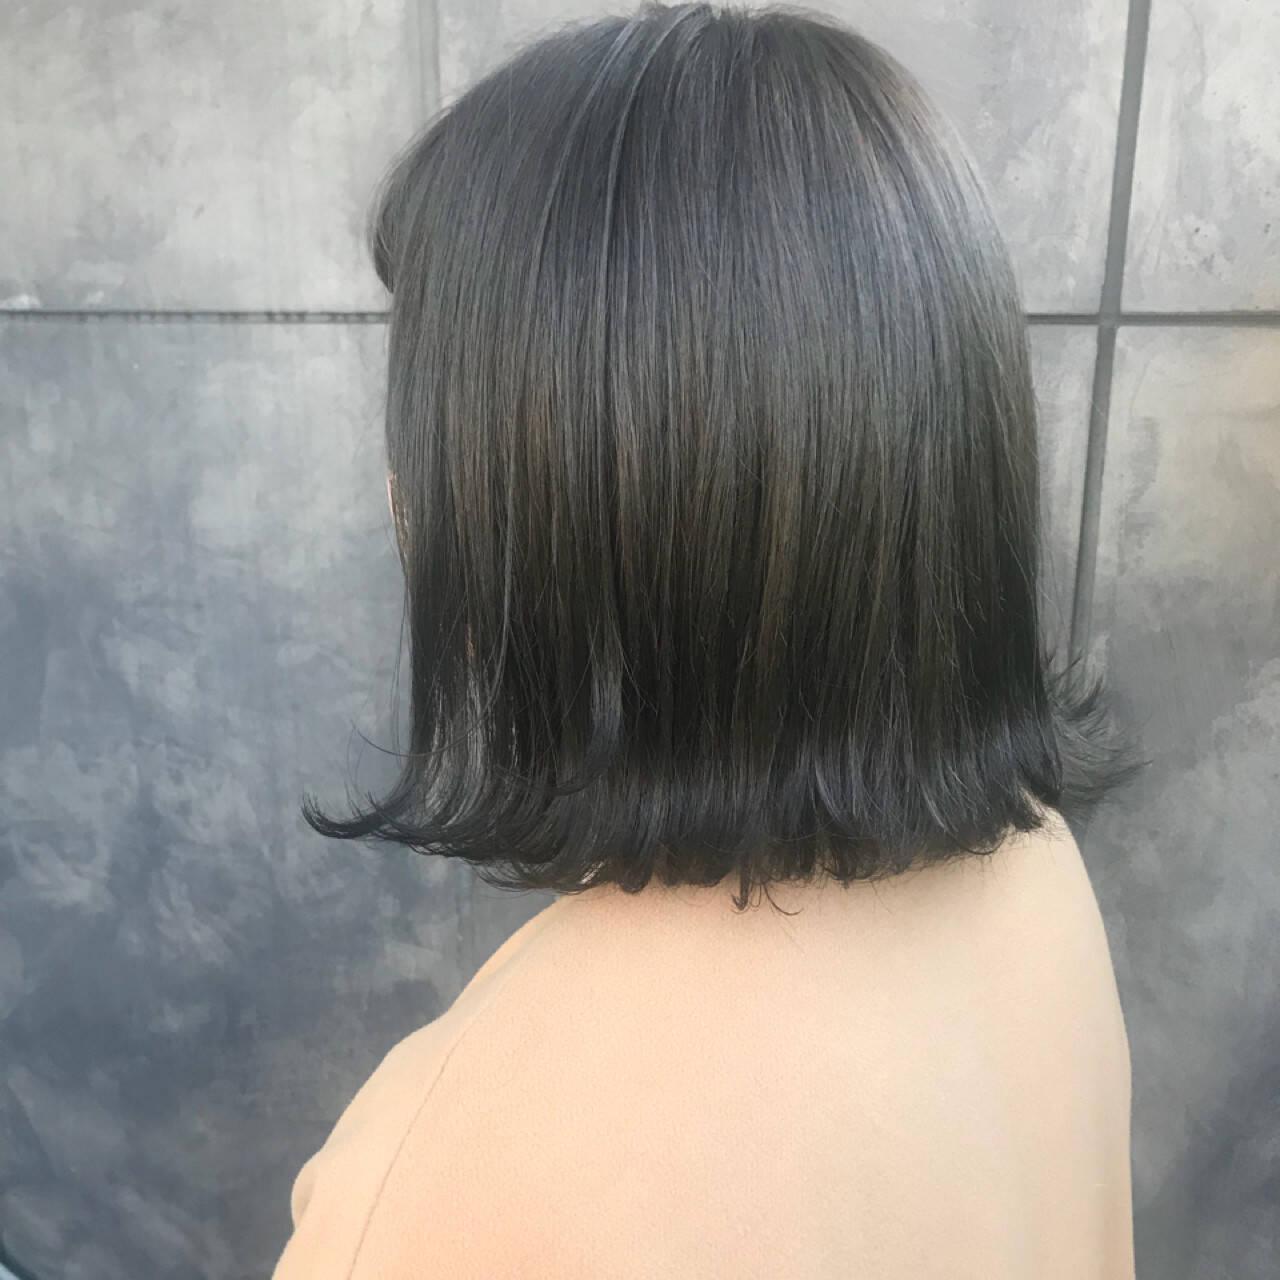 透明感 ブリーチカラー ナチュラル マットグレージュヘアスタイルや髪型の写真・画像